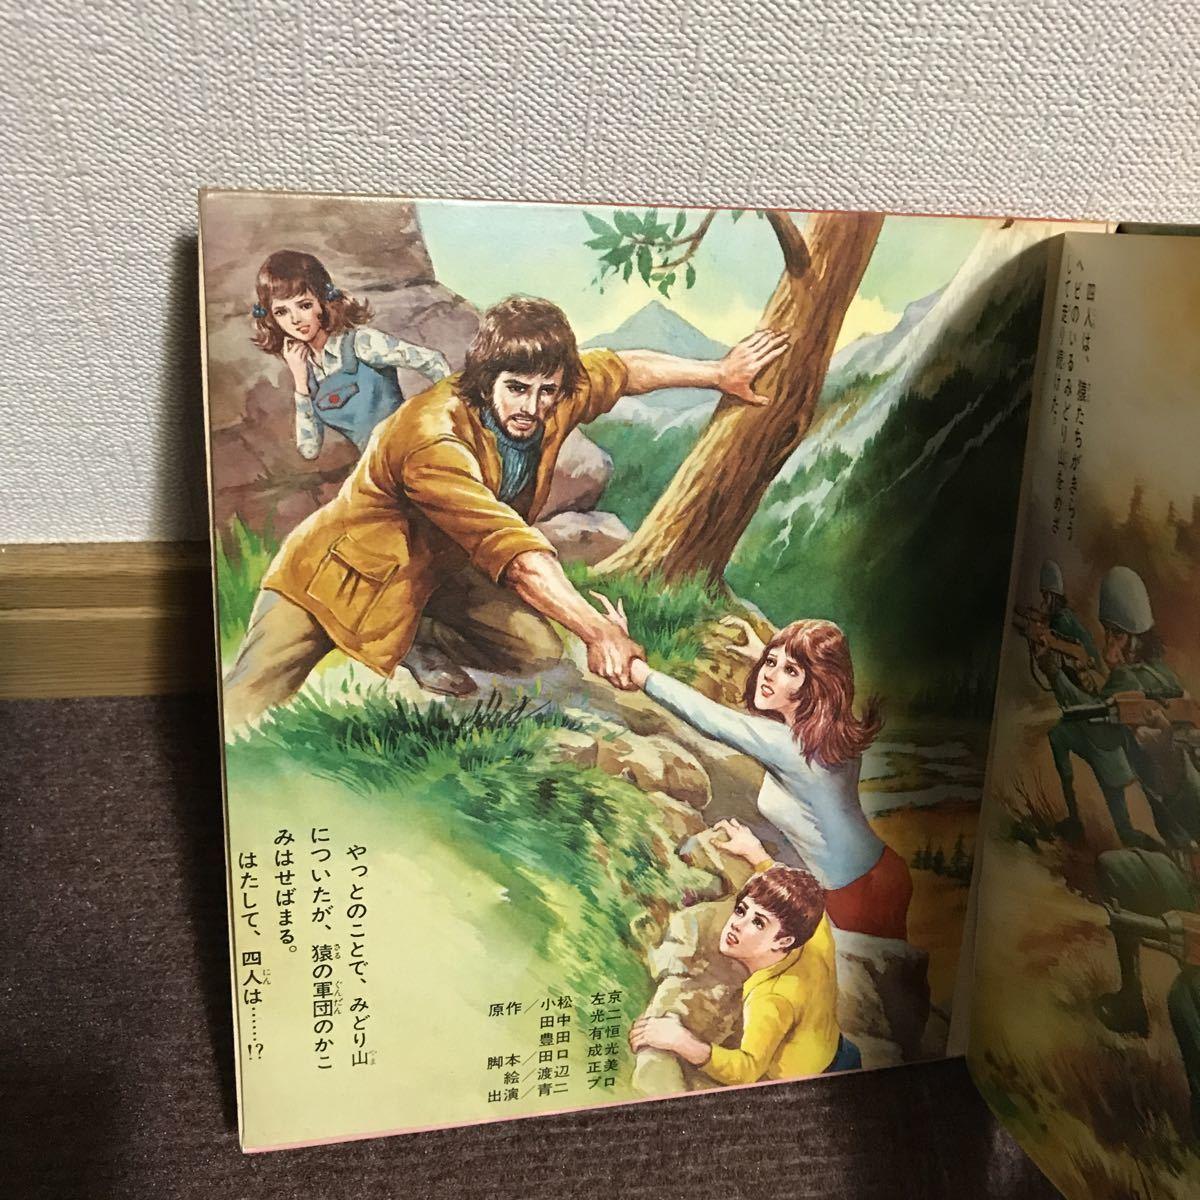 中古 猿の軍団 レコード ソノラマエース パピイシリーズ 朝日ソノラマ_画像6